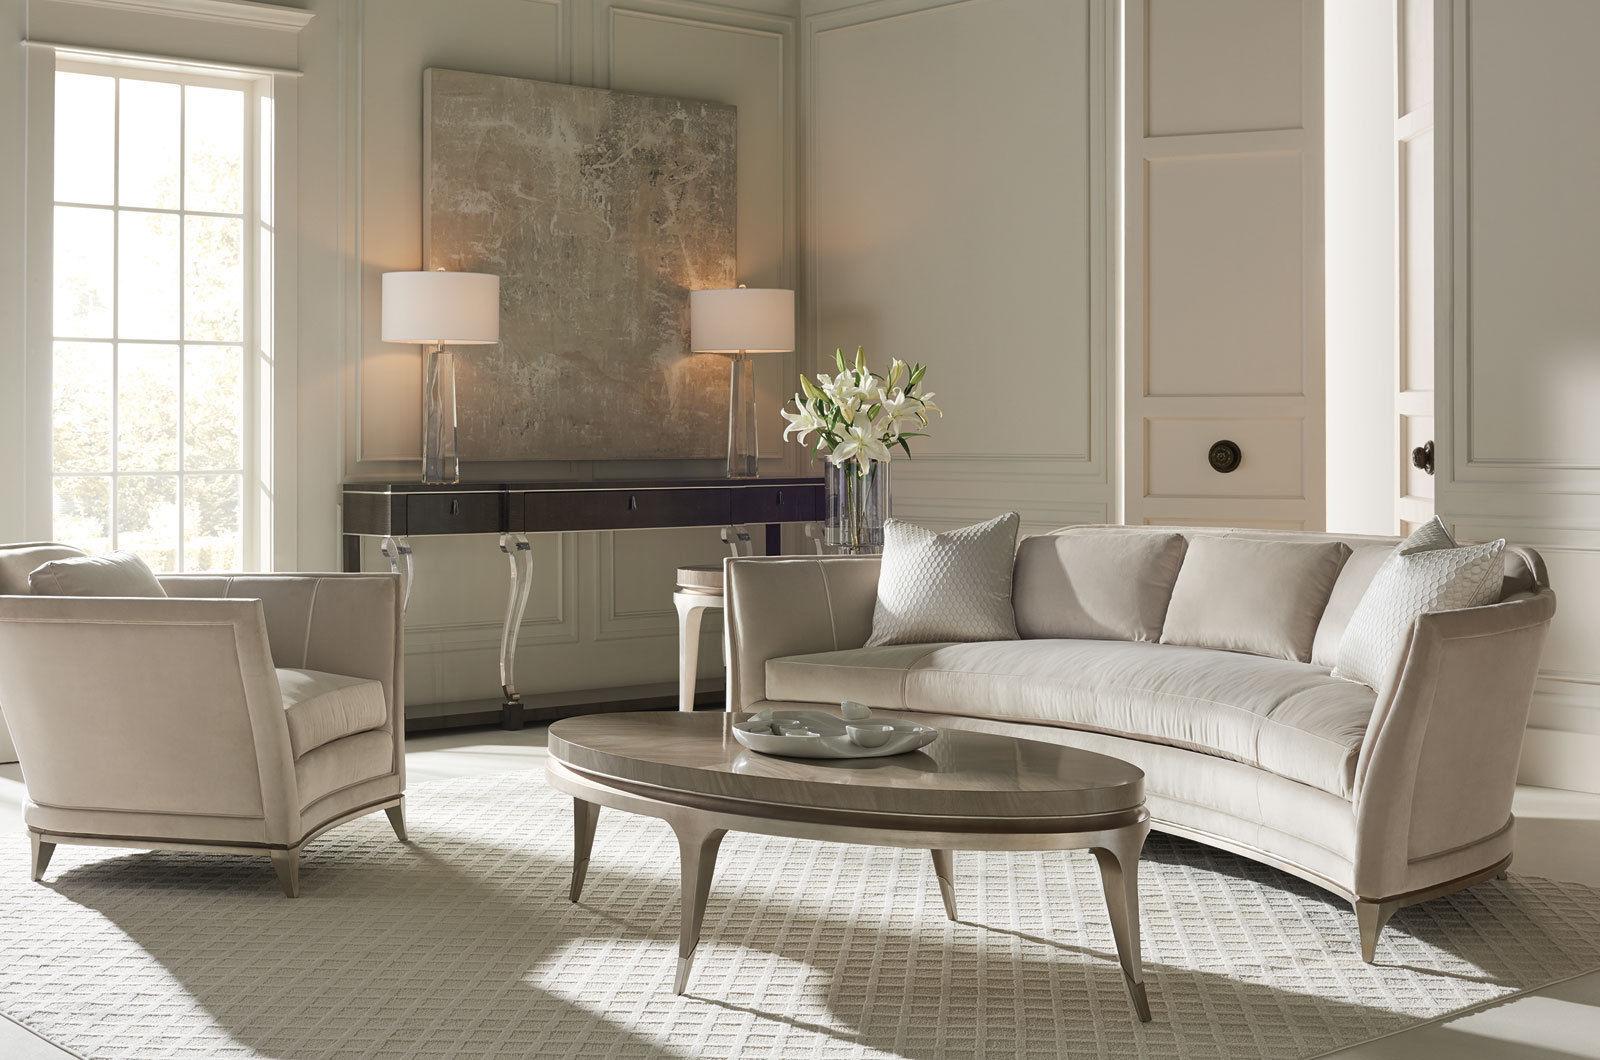 lanelli modern living room couch set furniture beige. Black Bedroom Furniture Sets. Home Design Ideas